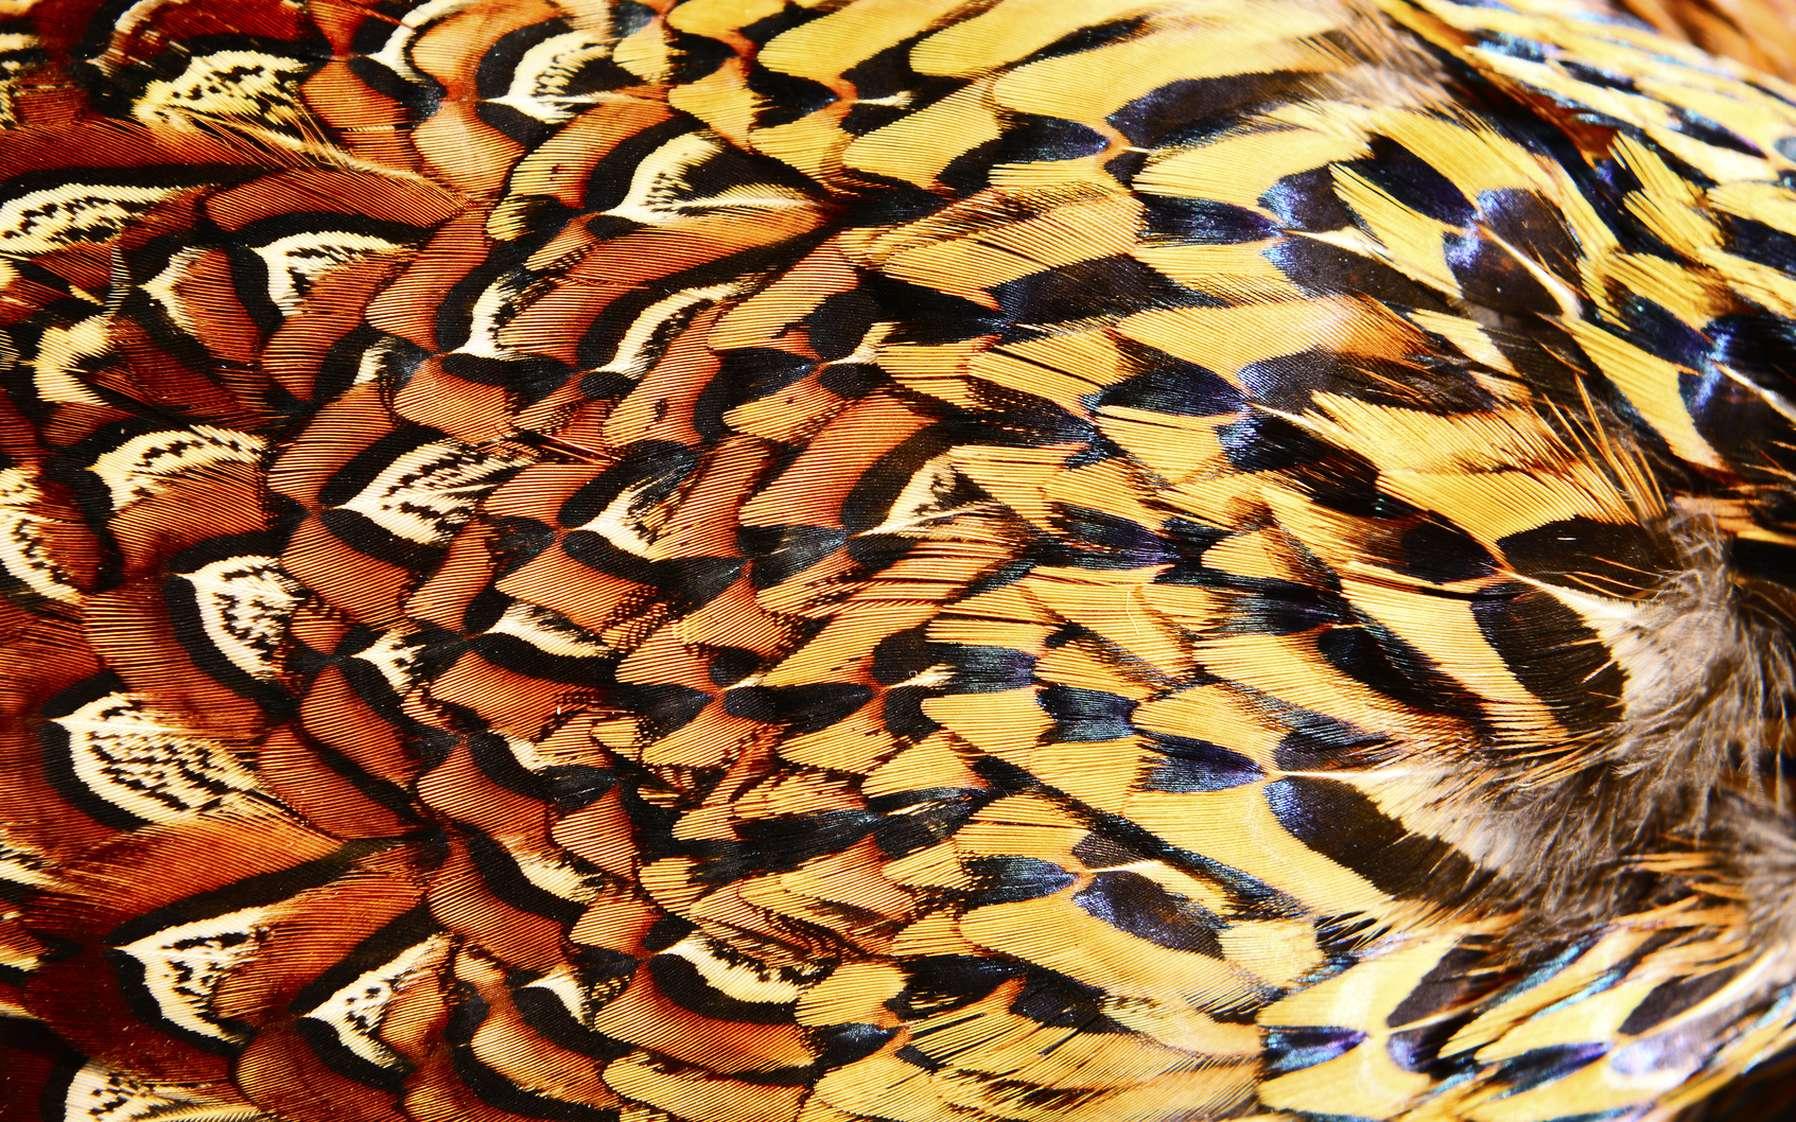 Les plumes de poulet pourraient être utilisées pour fabriquer un plastique écologique ! © hanmaomin, Fotolia